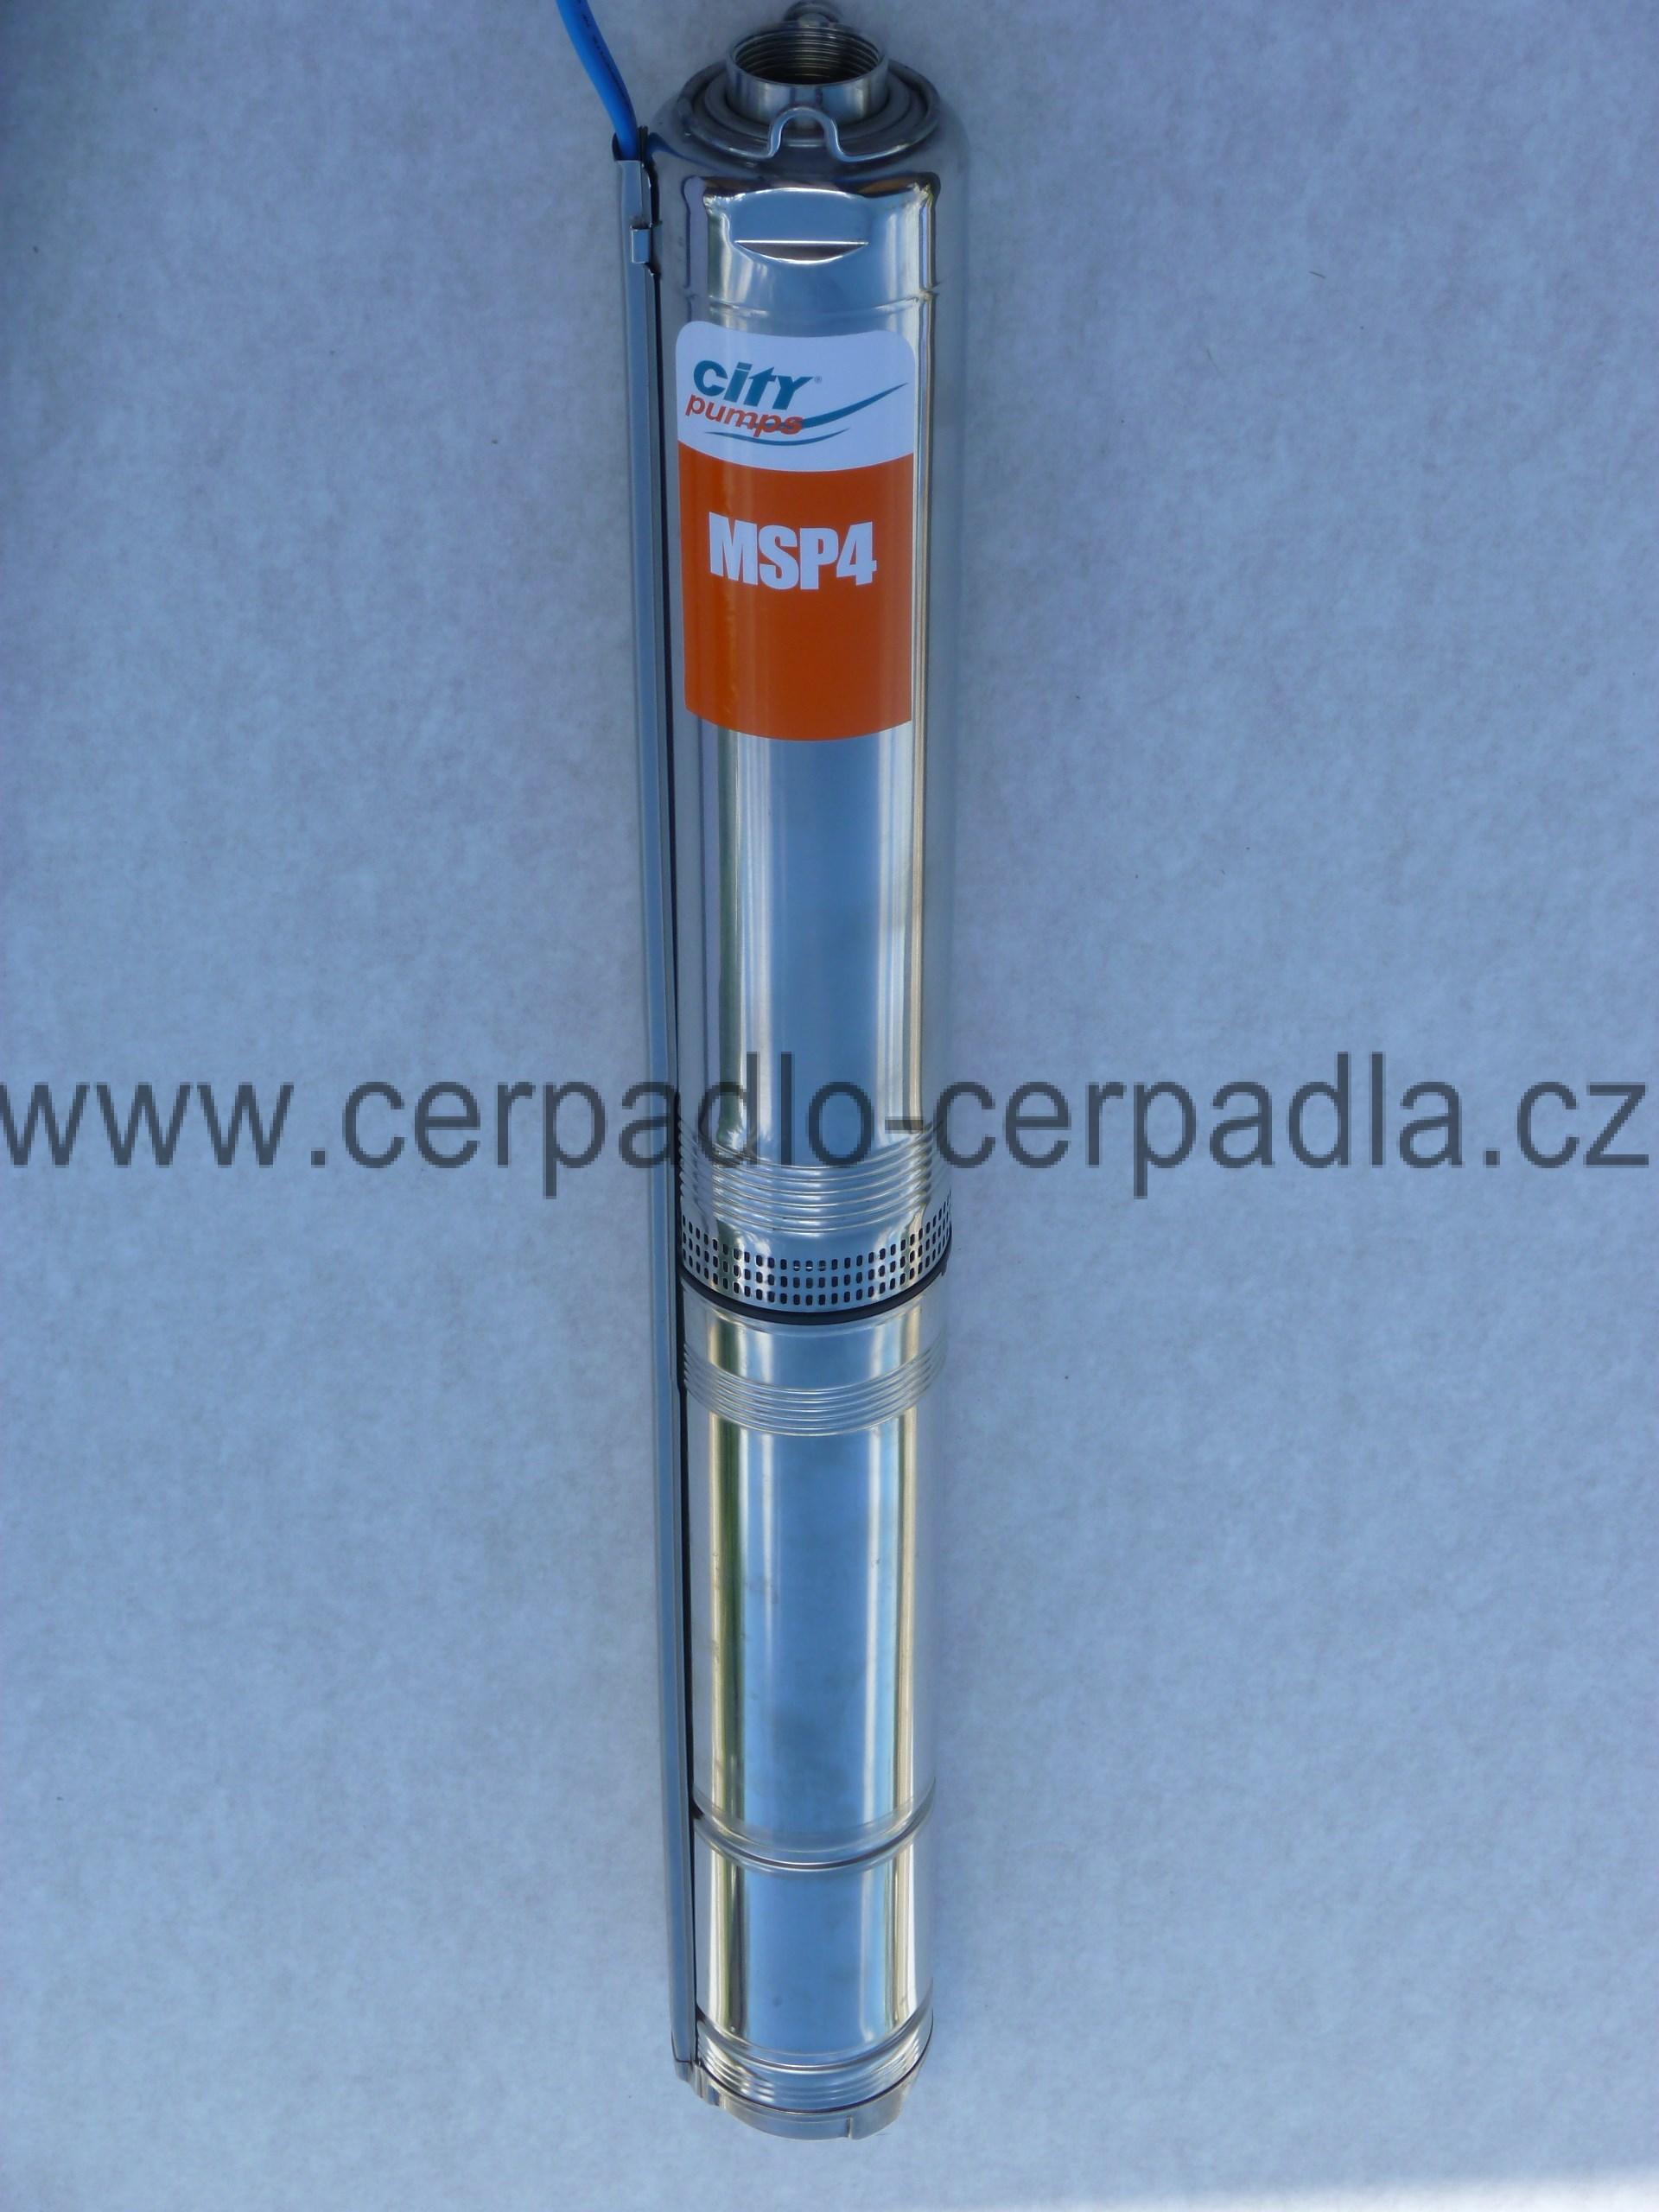 4MSP 15-4 100/92 1,1kW 230V, 30m (čerpadlo City Pumps, DOPRAVA ZDARMA, ponorná čerpadla 4MSP 15-4 100/92, do vrtu)